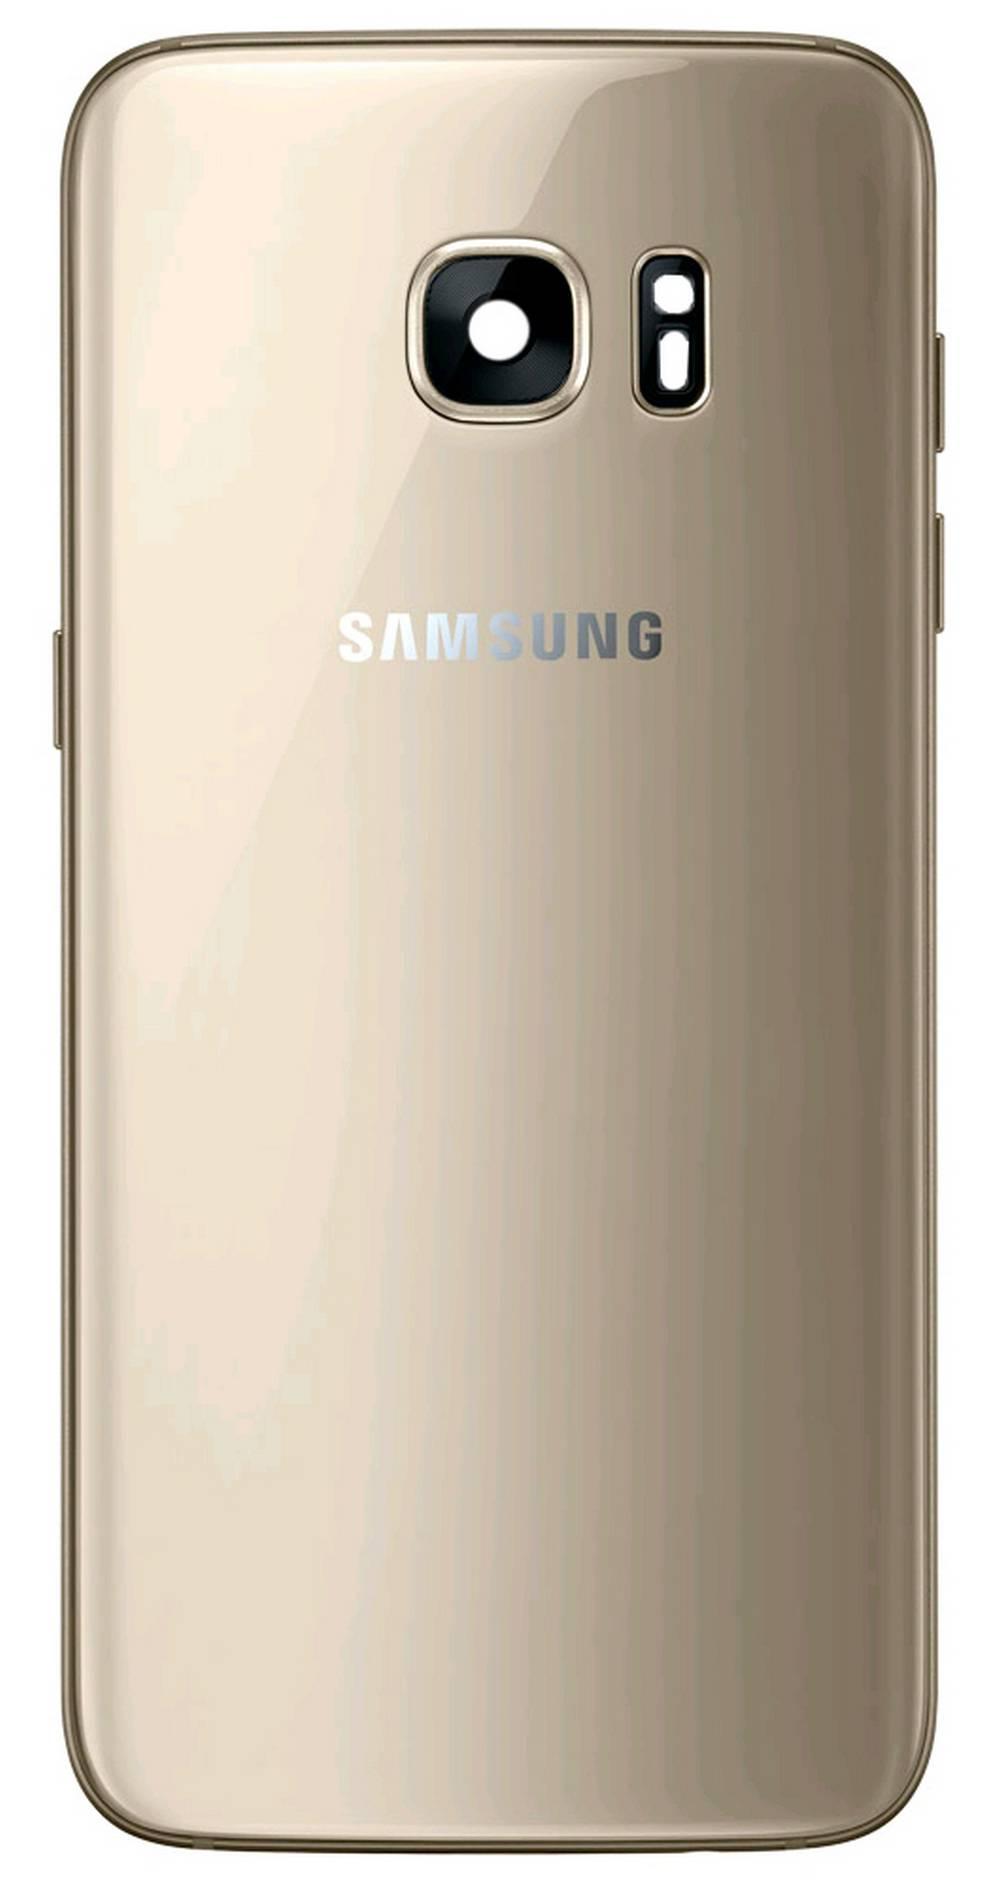 Καπάκι Μπαταρίας Samsung SM-G930F Galaxy S7 Χρυσαφί Original GH82-11384C